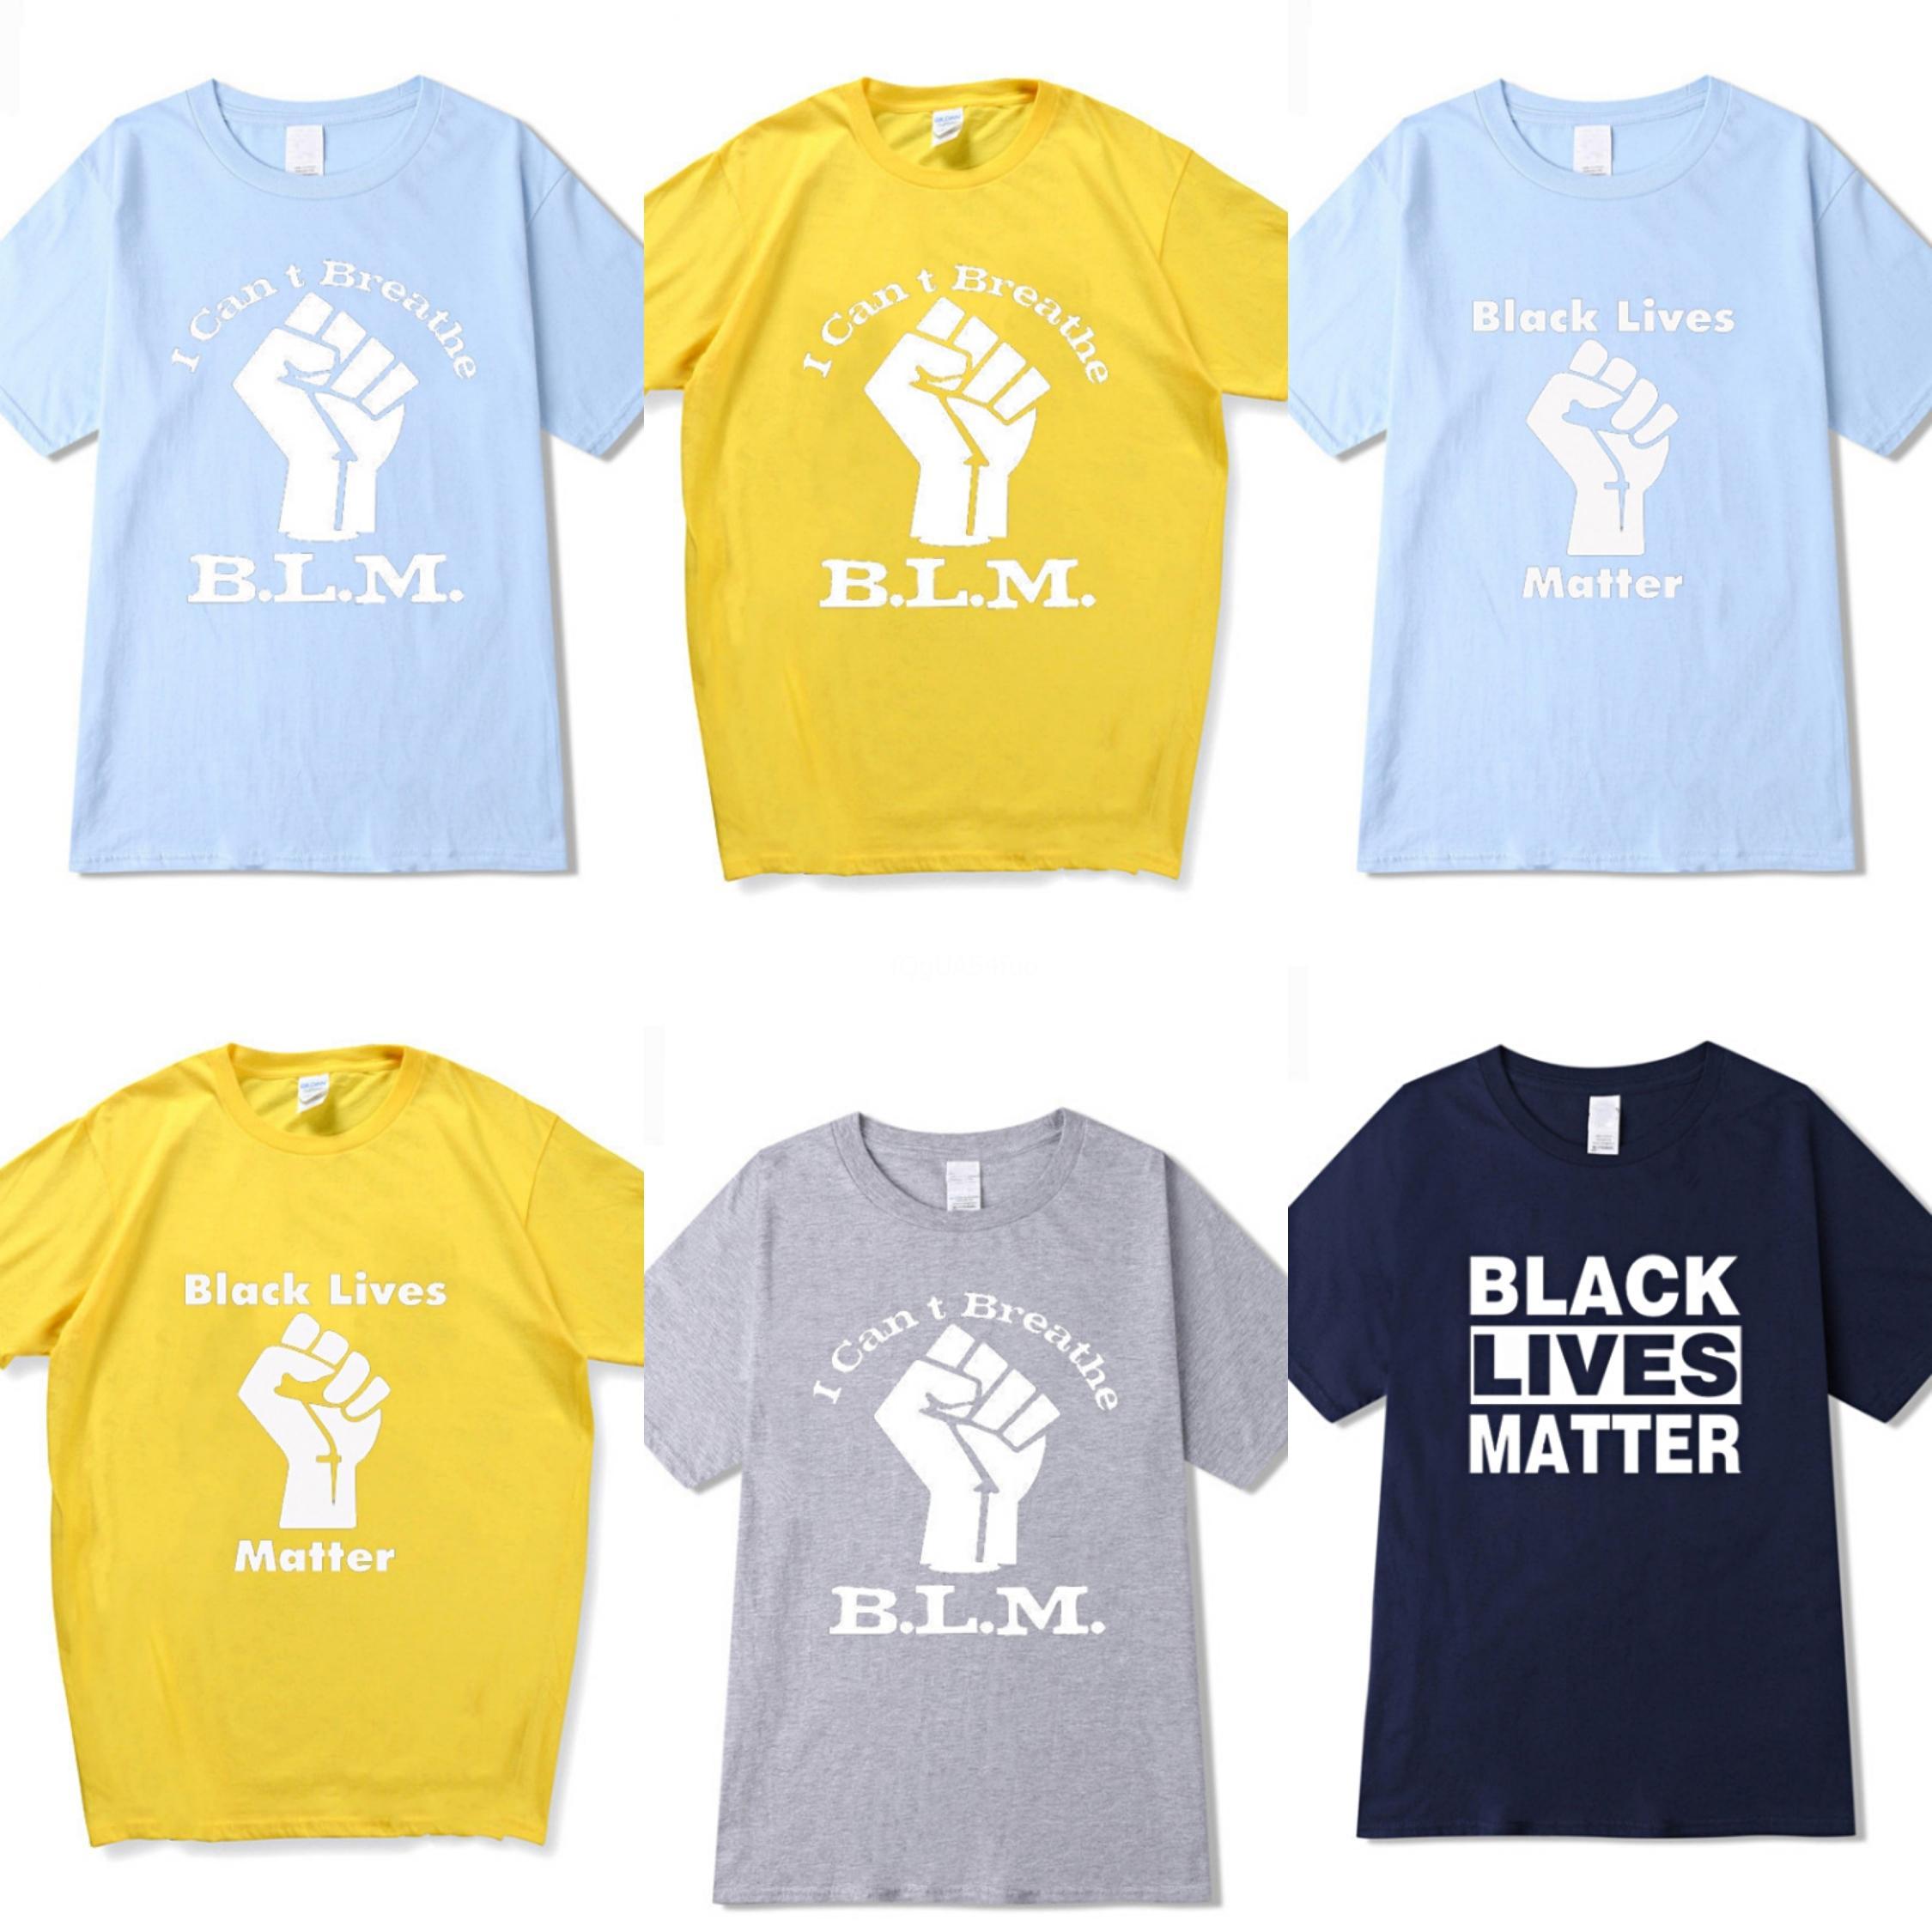 No puedo respirar! 20ss Disco Punk print Italia camiseta diseñadores camisas de los hombres Streetwear Hombres Mujeres Pantalones cortos de la camiseta camiseta corta Harajuku Tee Clot # 47